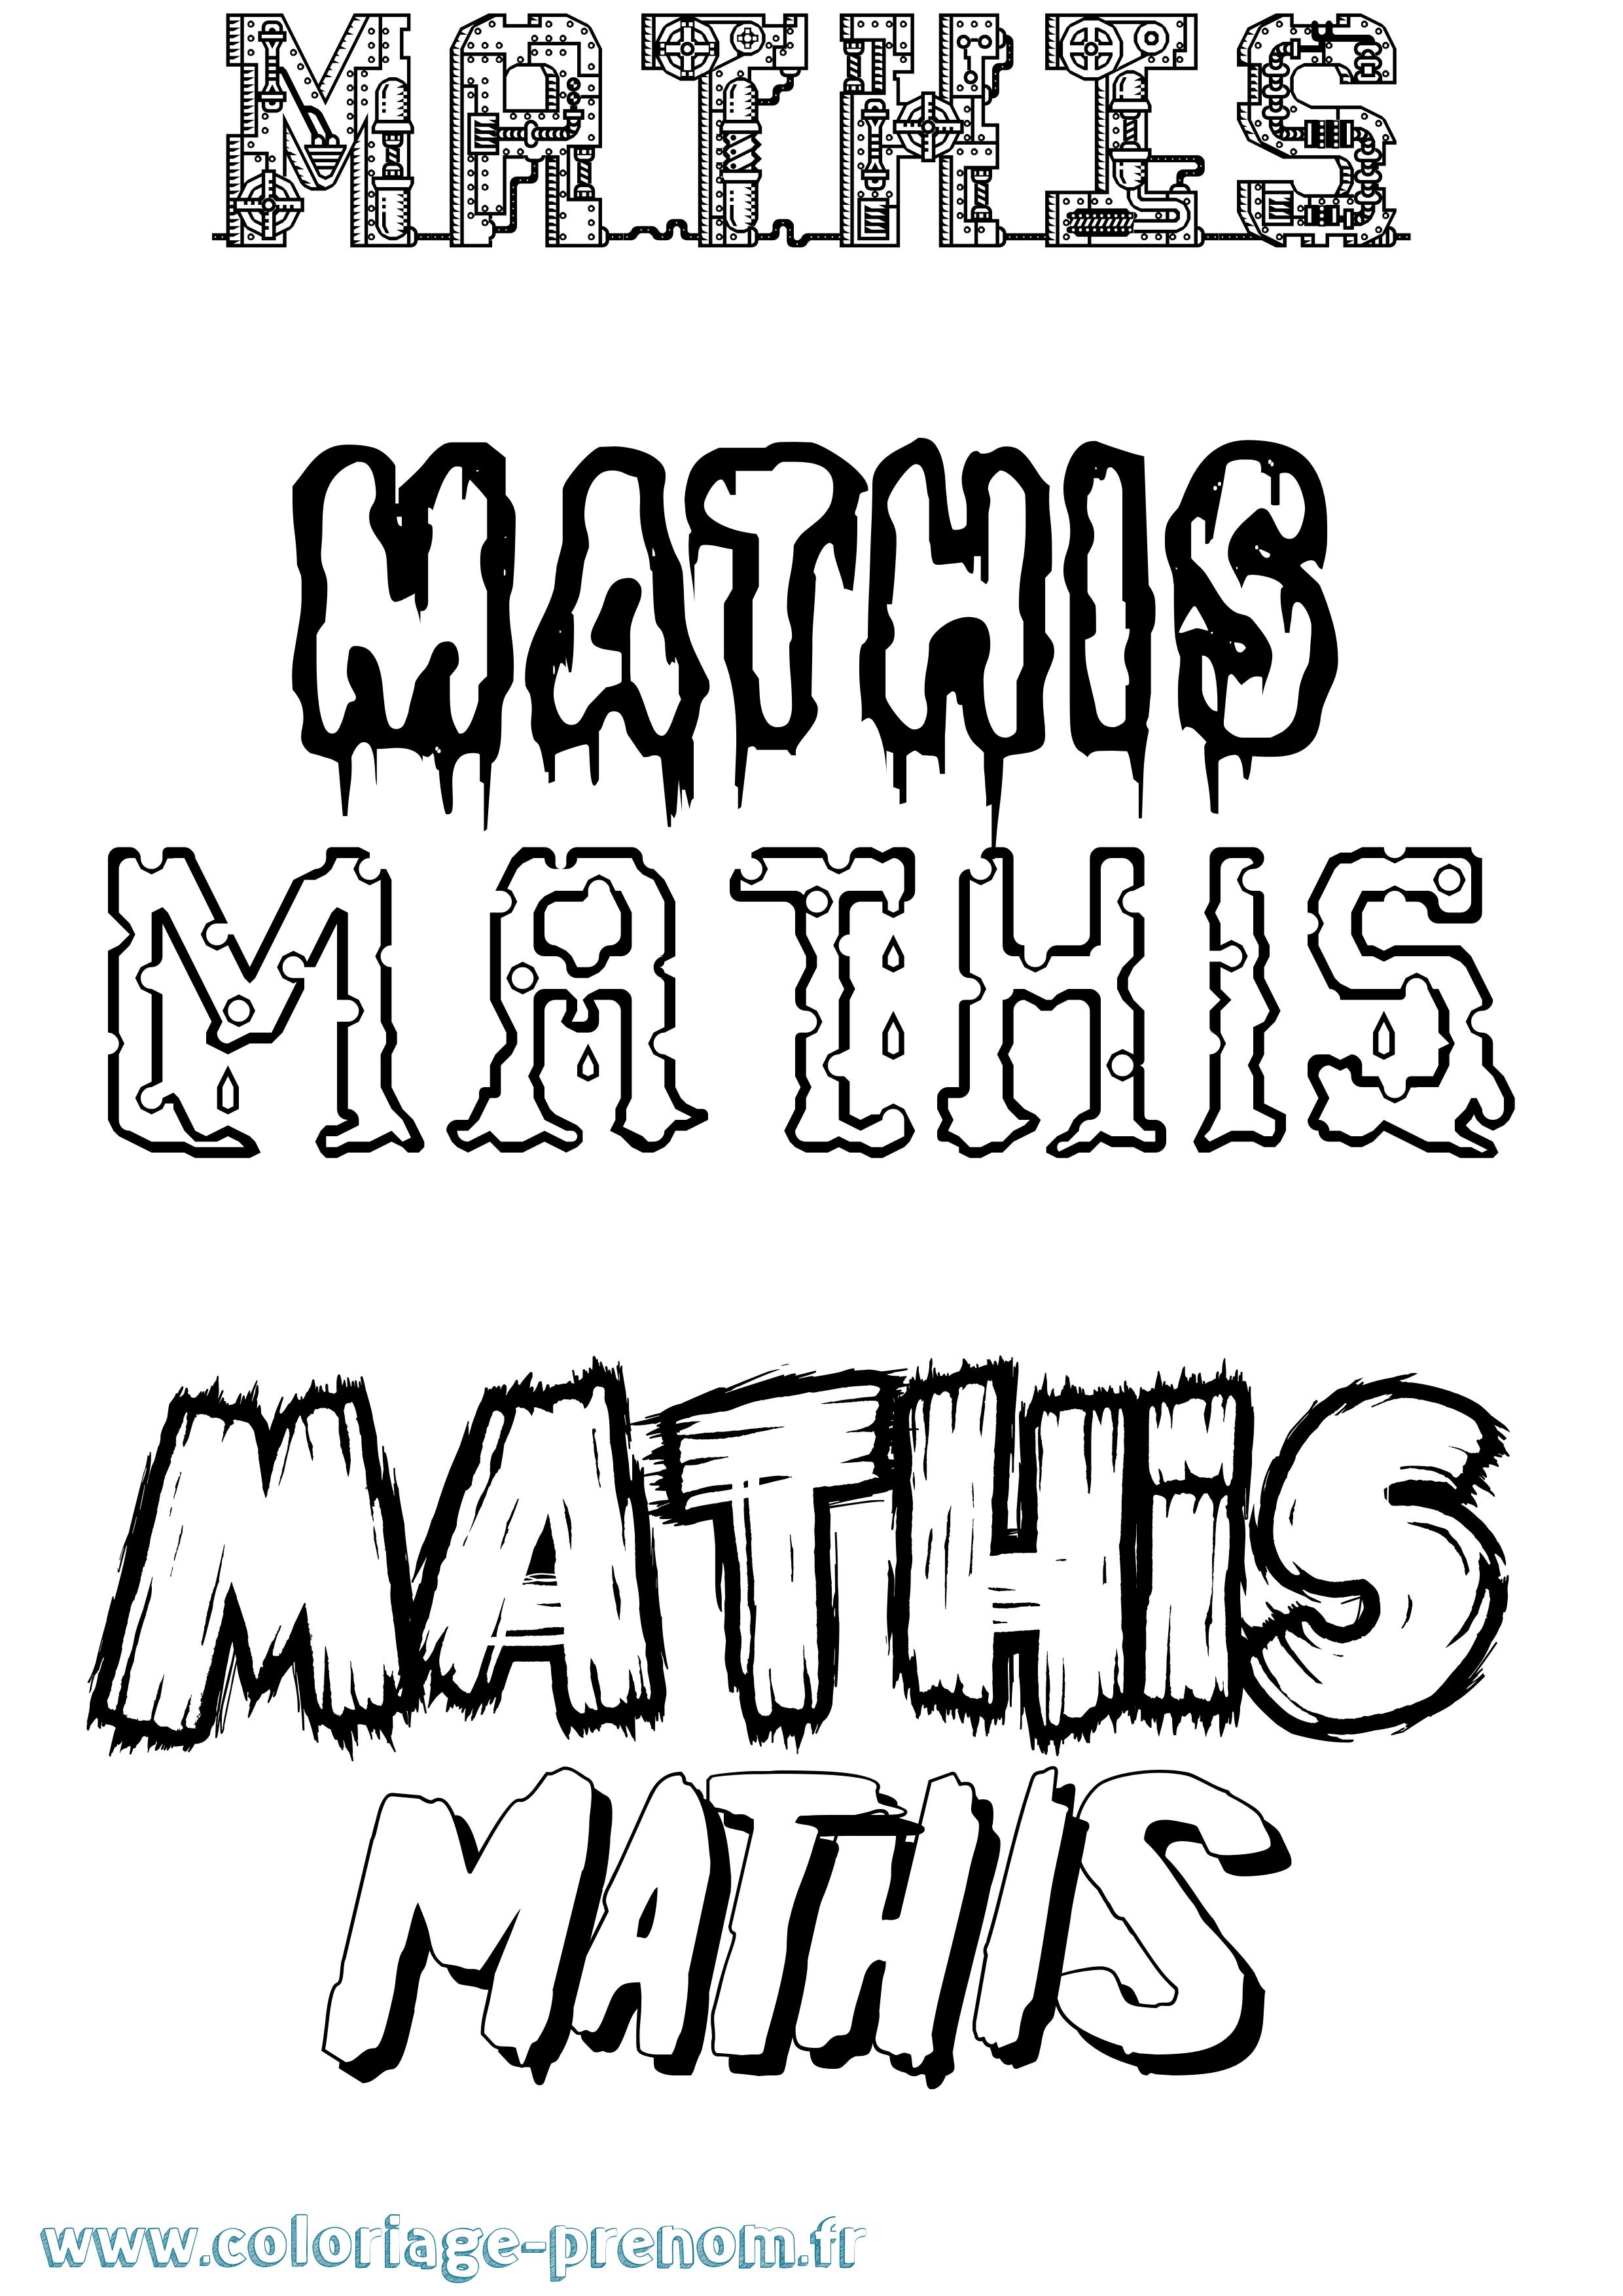 Coloriage du prénom Mathis : à Imprimer ou Télécharger ...